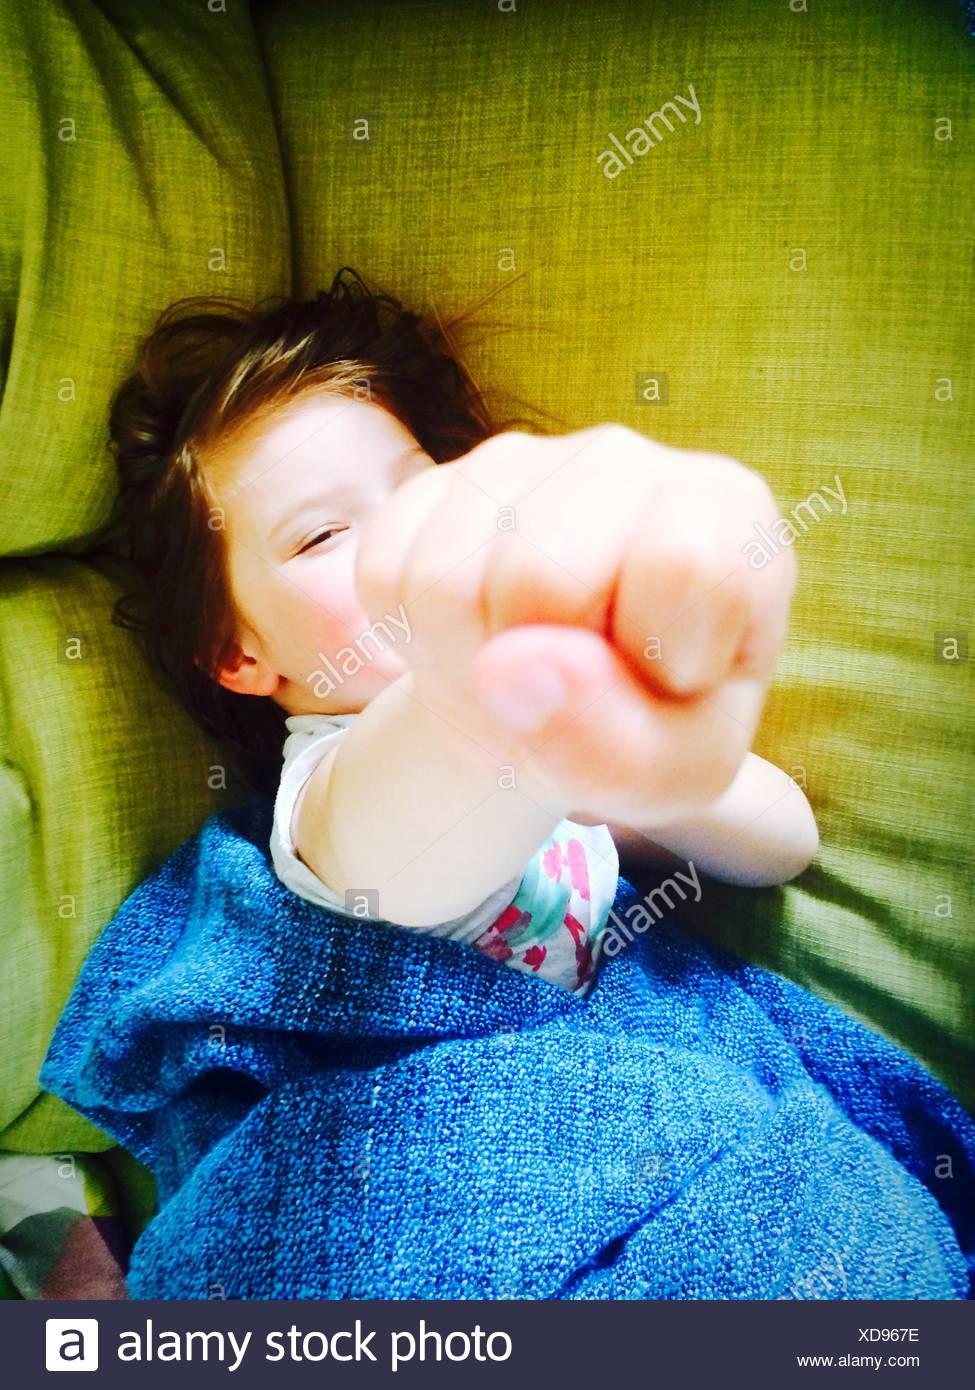 Ritratto di una ragazza che mostra pugno durante i momenti di relax sul letto Immagini Stock